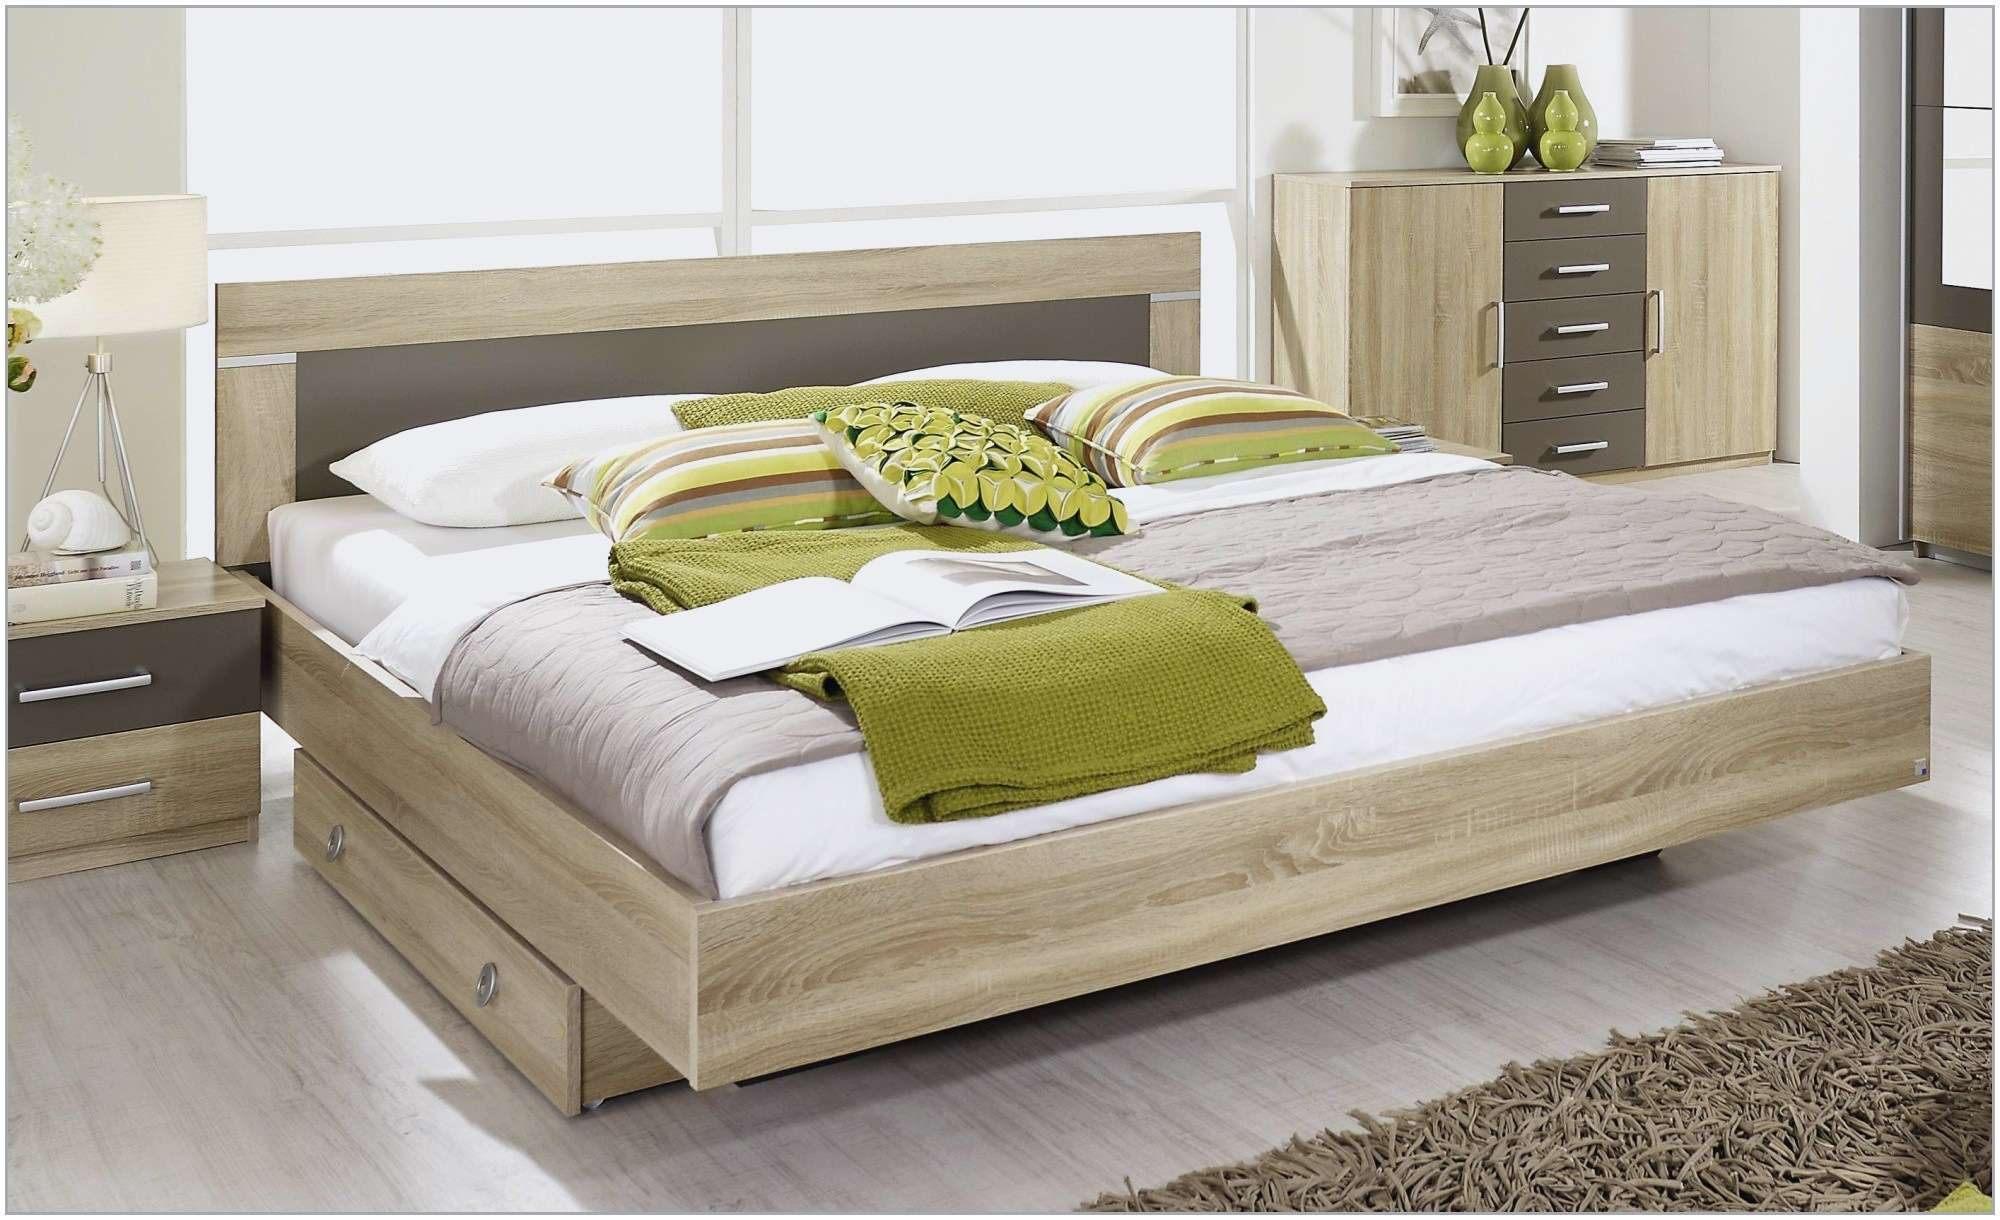 Tete De Lit Moderne Le Luxe Ikea Tete De Lit Avec Rangement